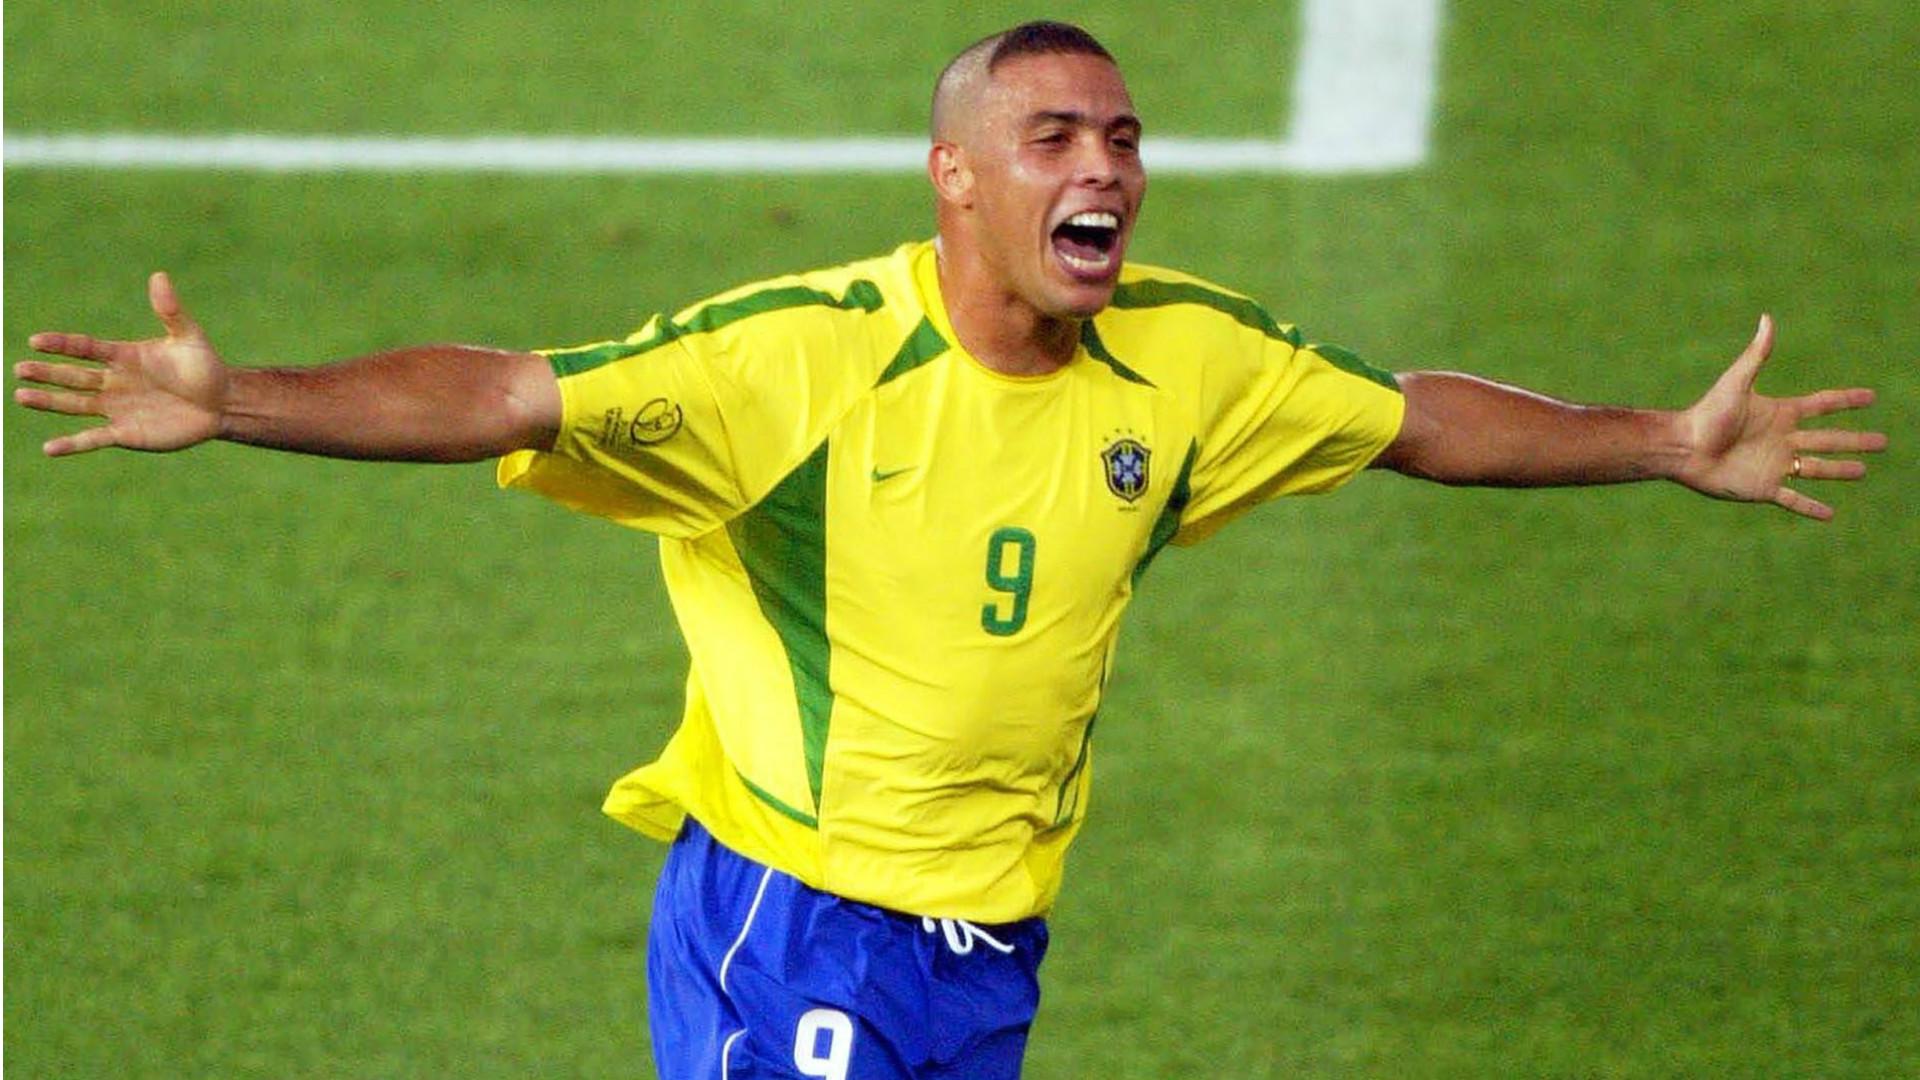 2. Ronaldo ($150 million)